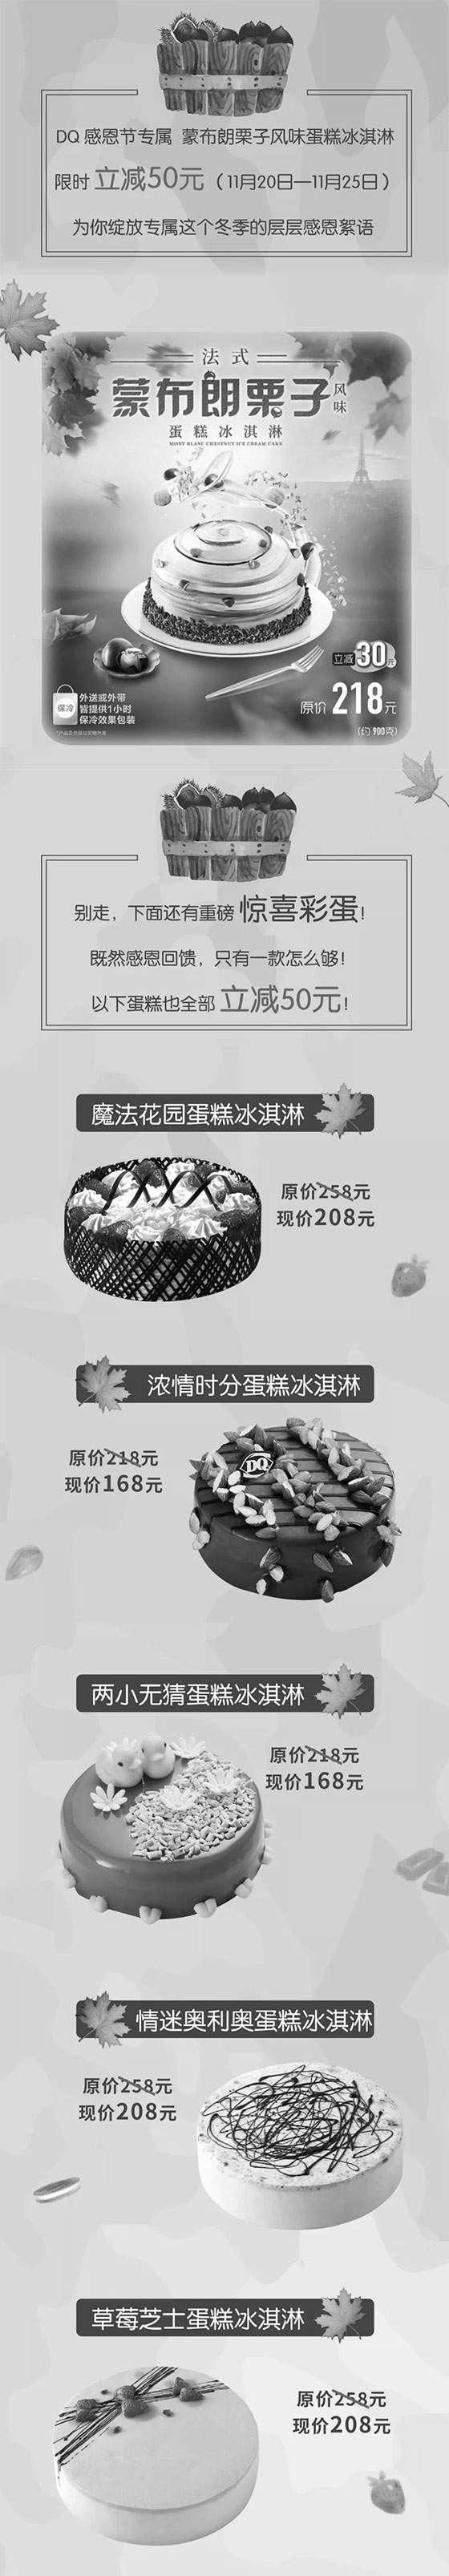 黑白优惠券图片:DQ冰雪皇后感恩节专属蛋糕限时立减50元 - www.5ikfc.com